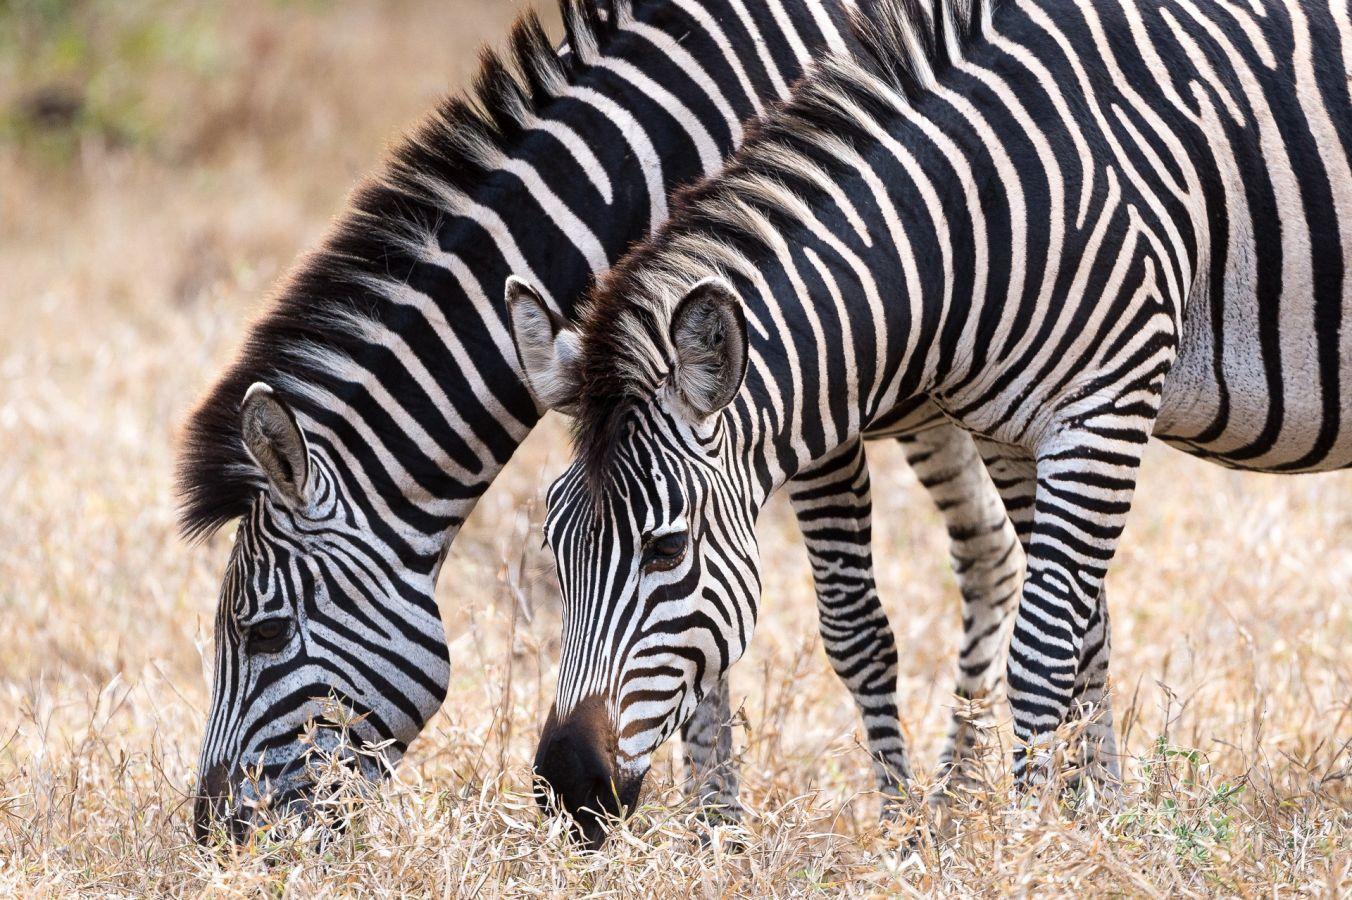 Majete Wildlife Reserve zebra's